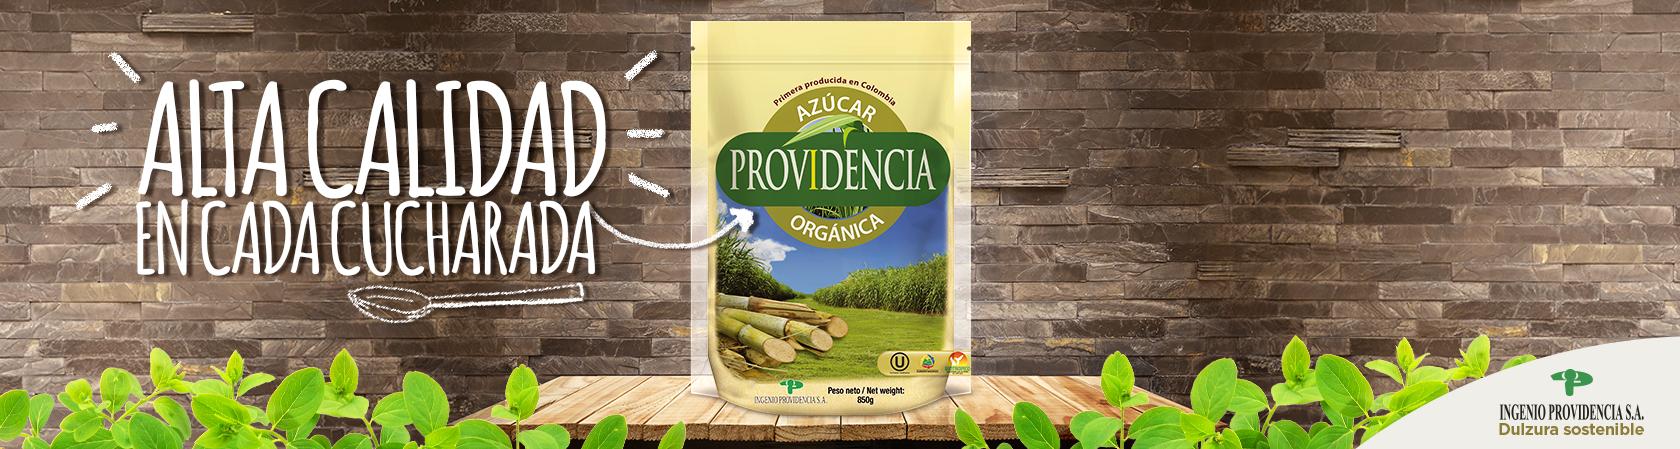 Azucar-Providencia-Organica_Octubre2017